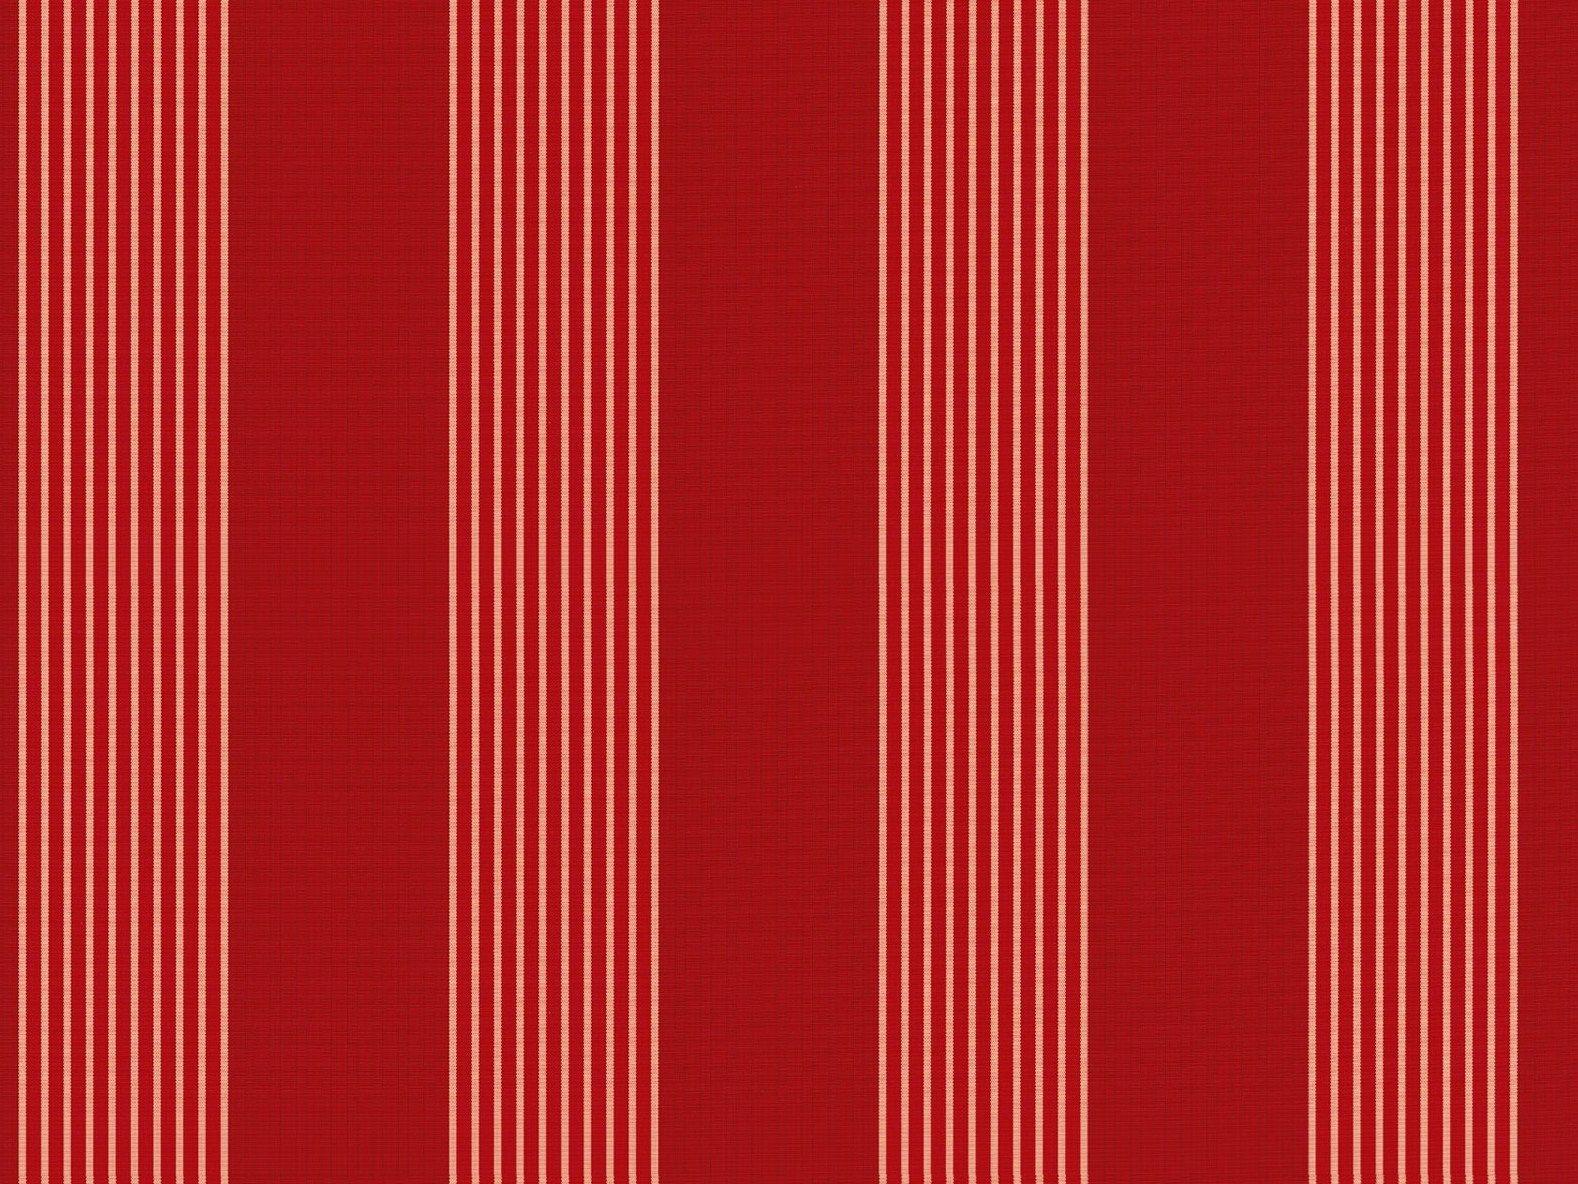 stoff f r aussen f r gardinen sunsilk by markilux. Black Bedroom Furniture Sets. Home Design Ideas